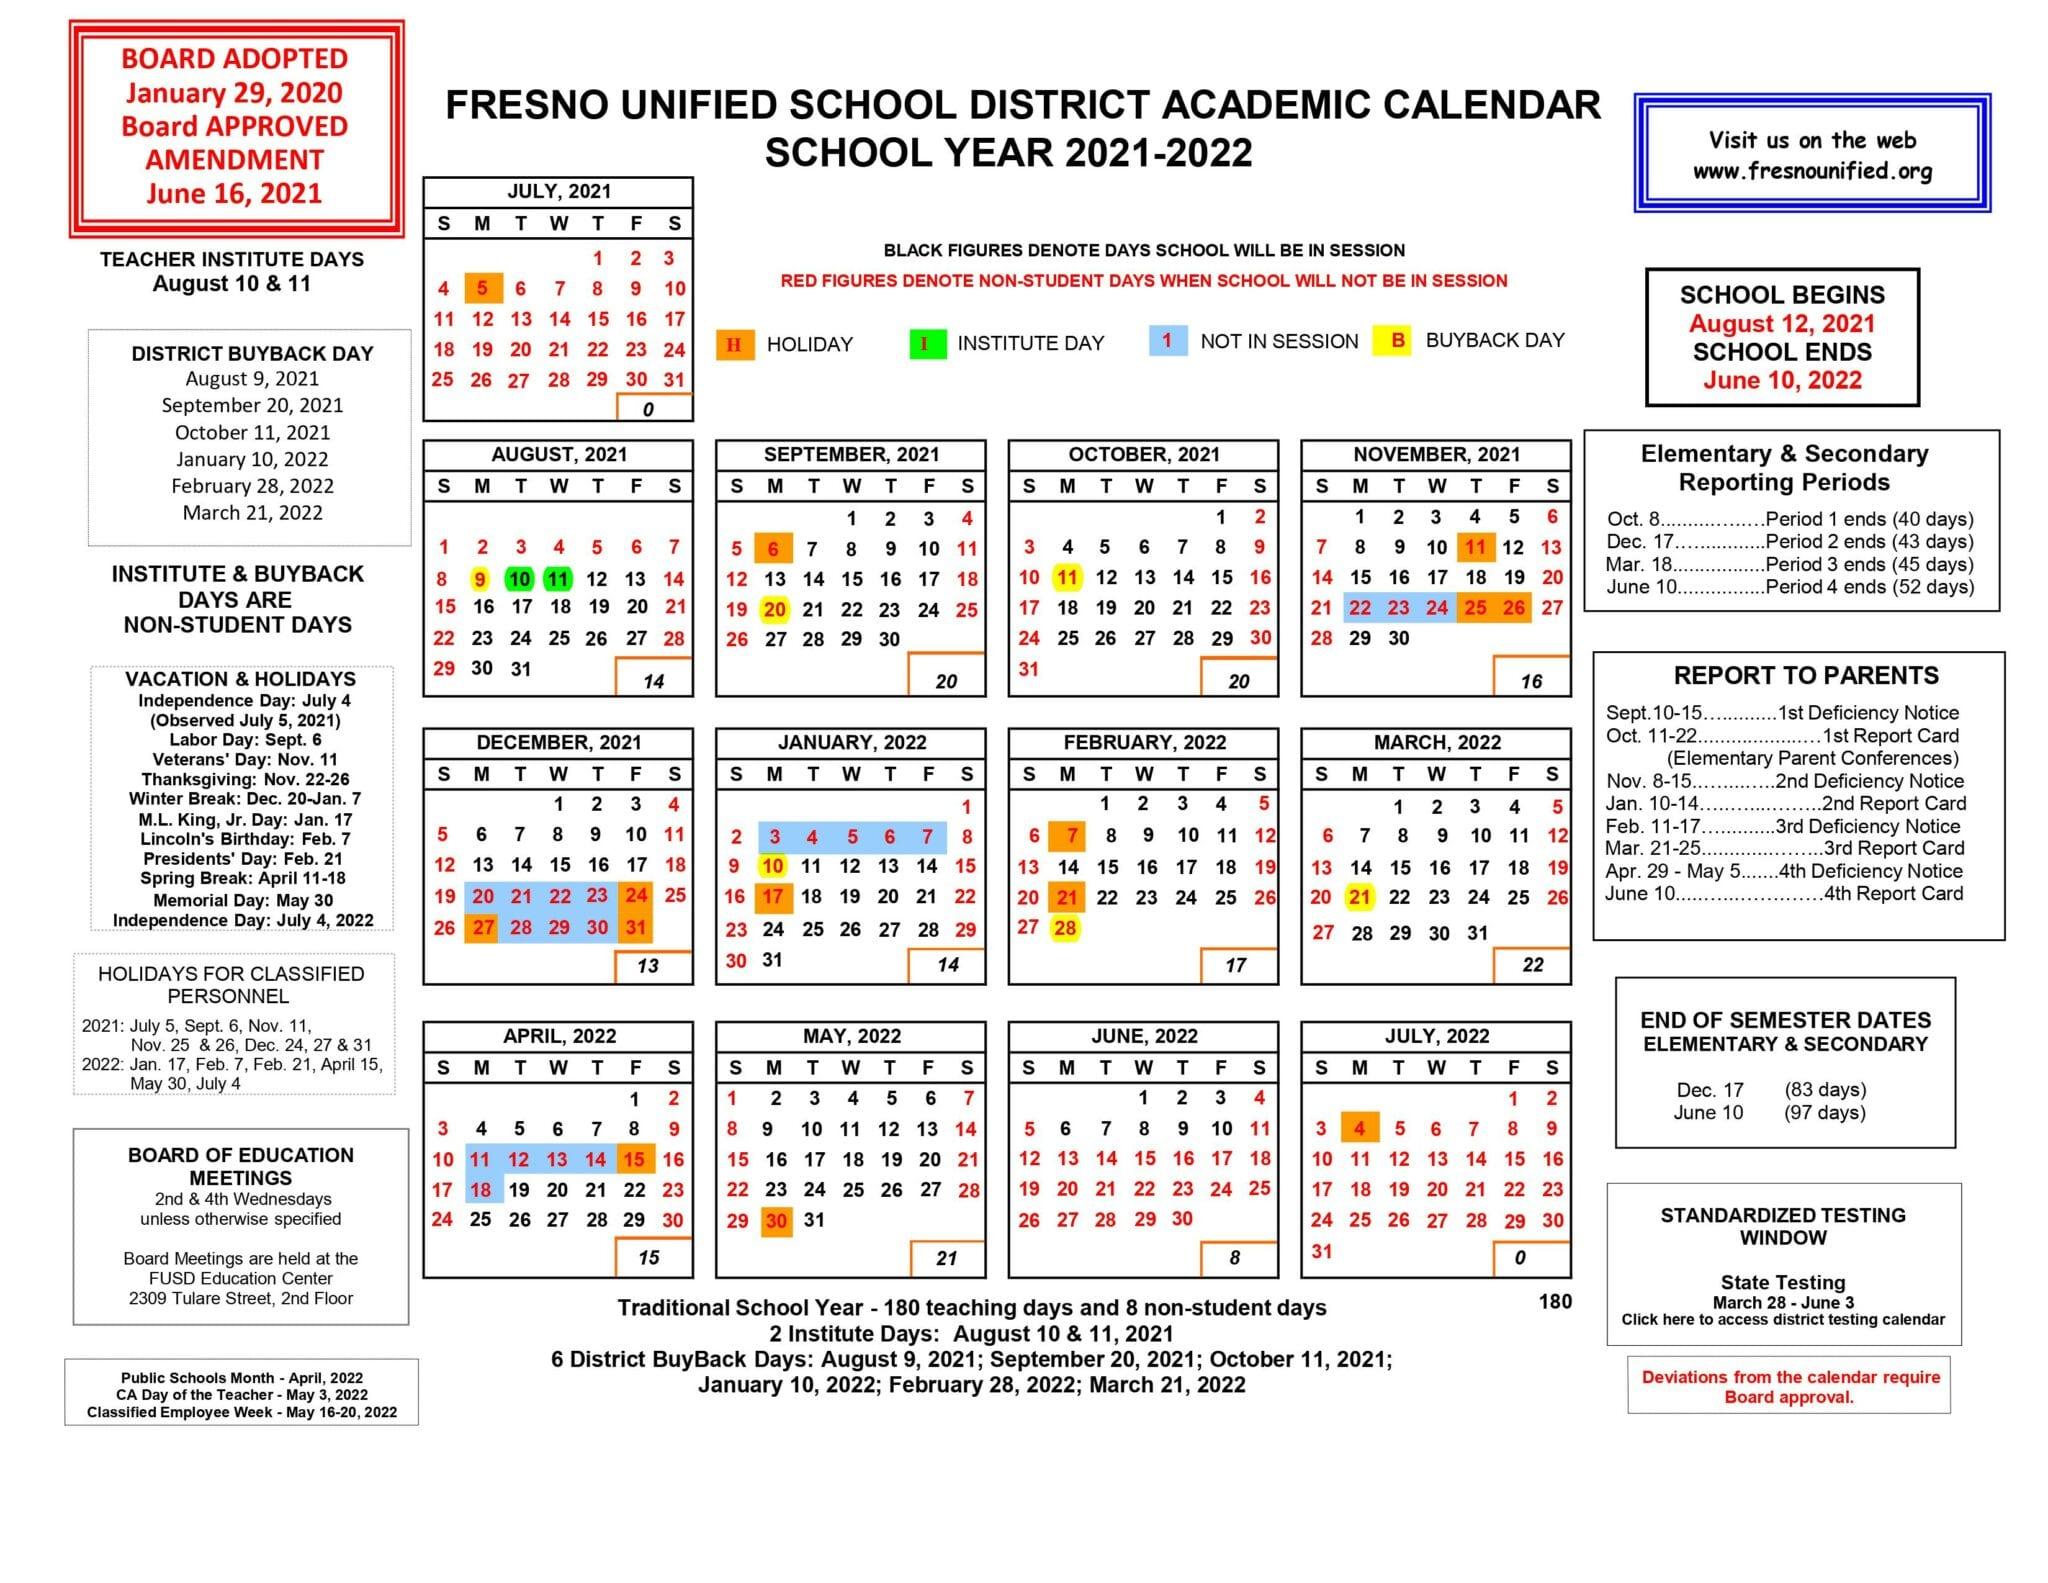 School Starts August 12, 2021